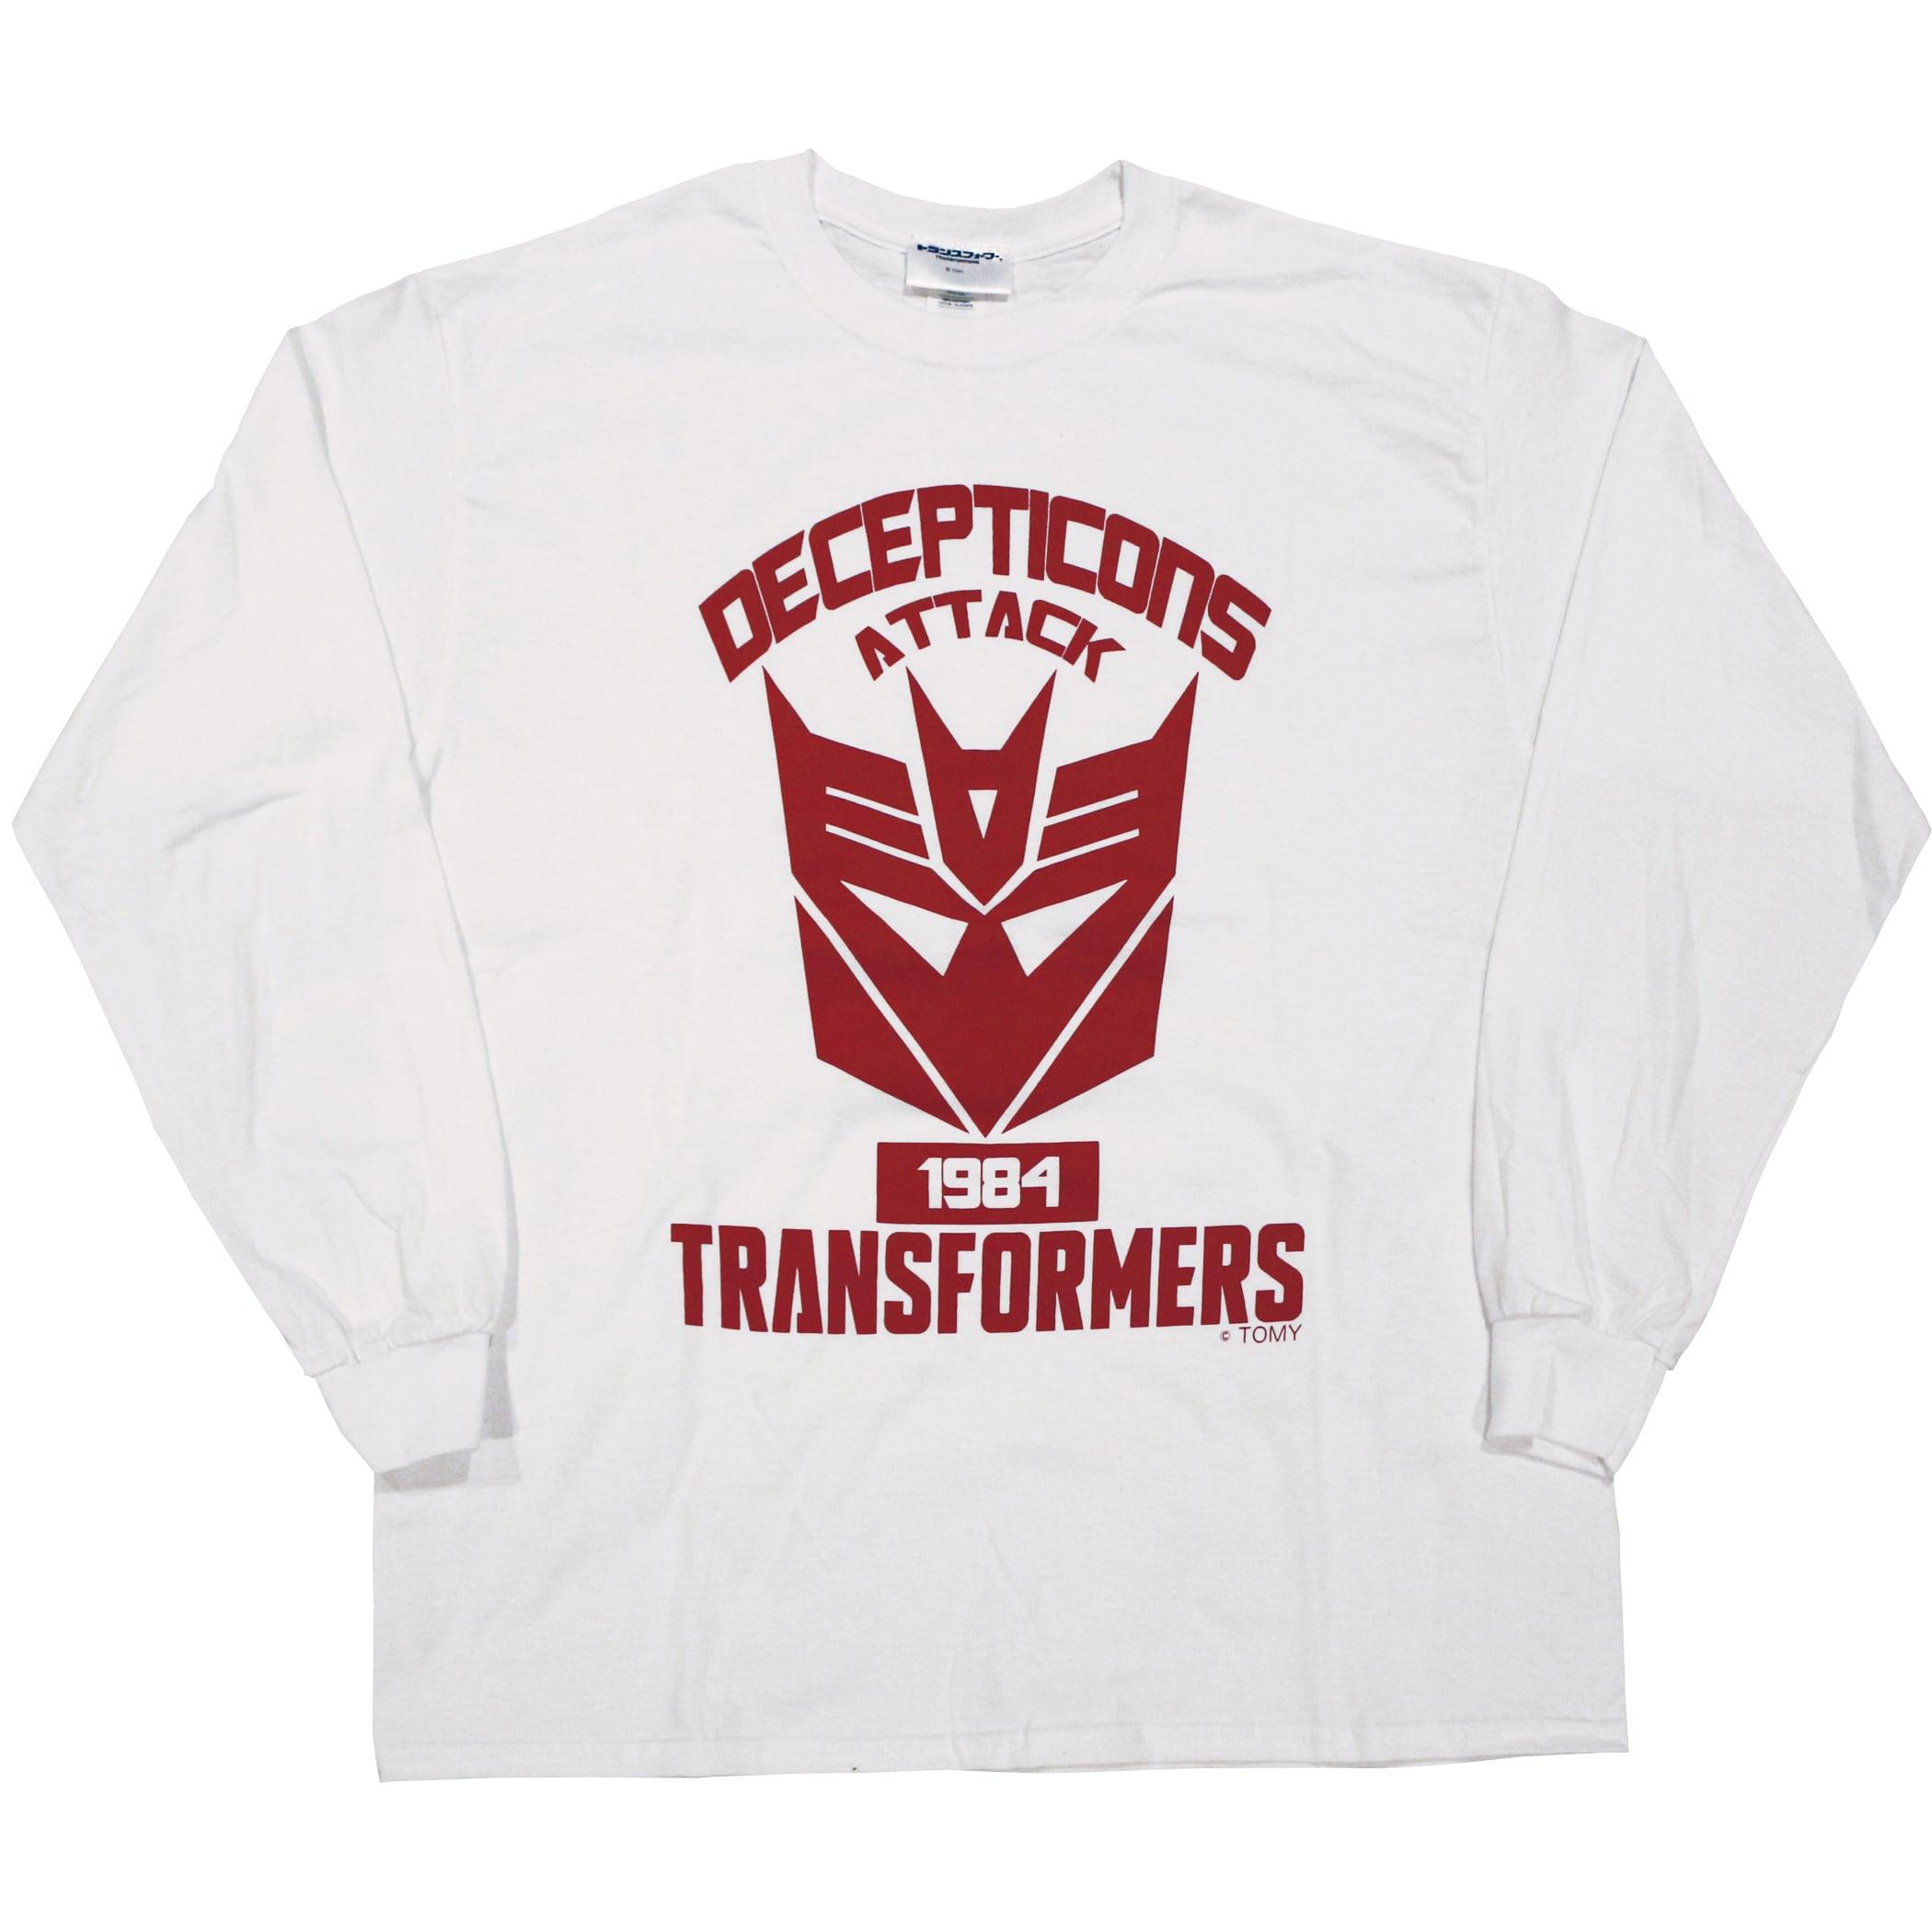 【トランスフォーマー】戦え!超ロボット生命体トランスフォーマー|デストロンエンブレム ロングスリーブTシャツ